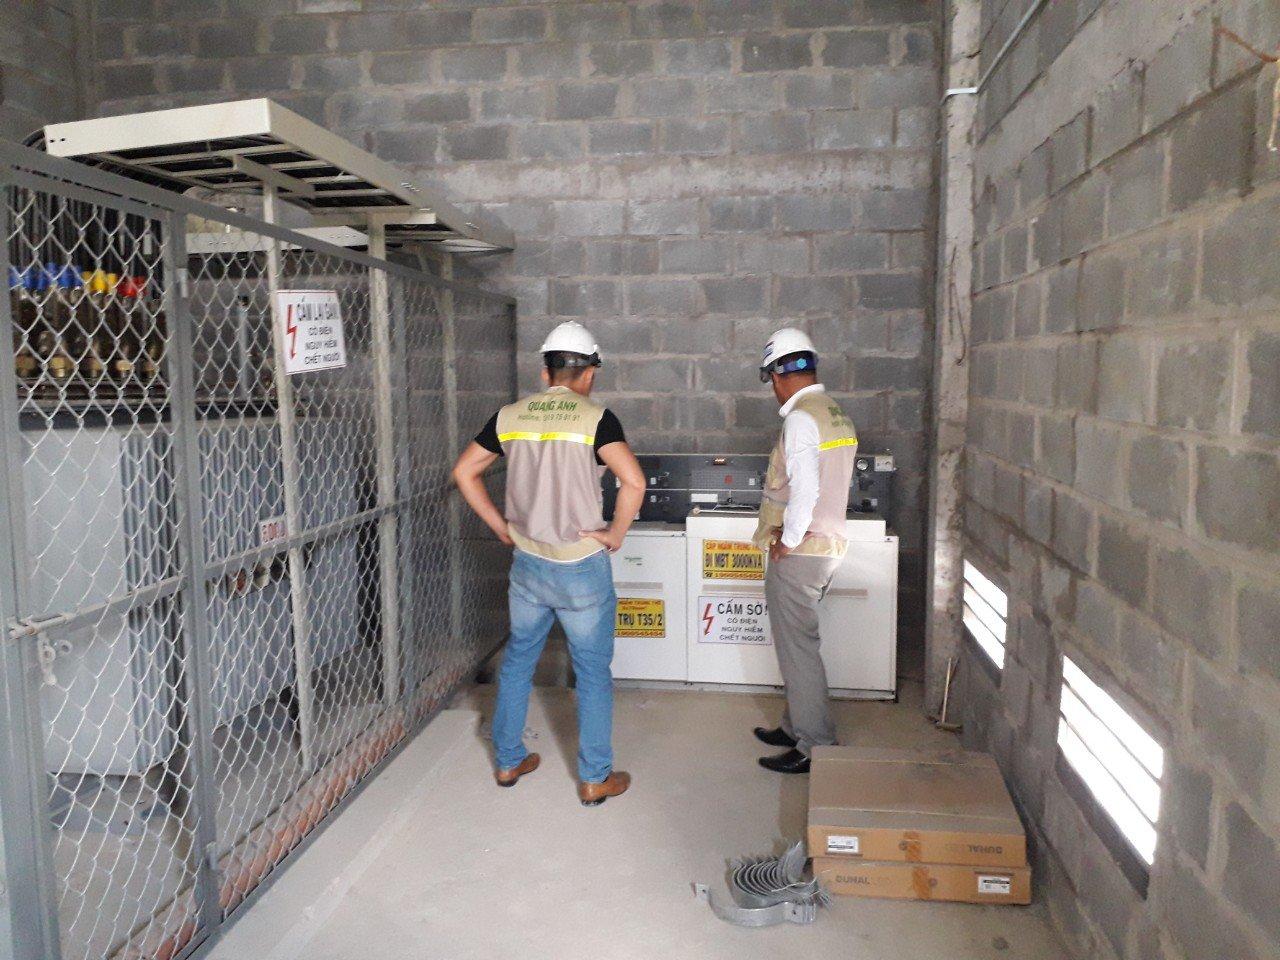 Vietnam substation company